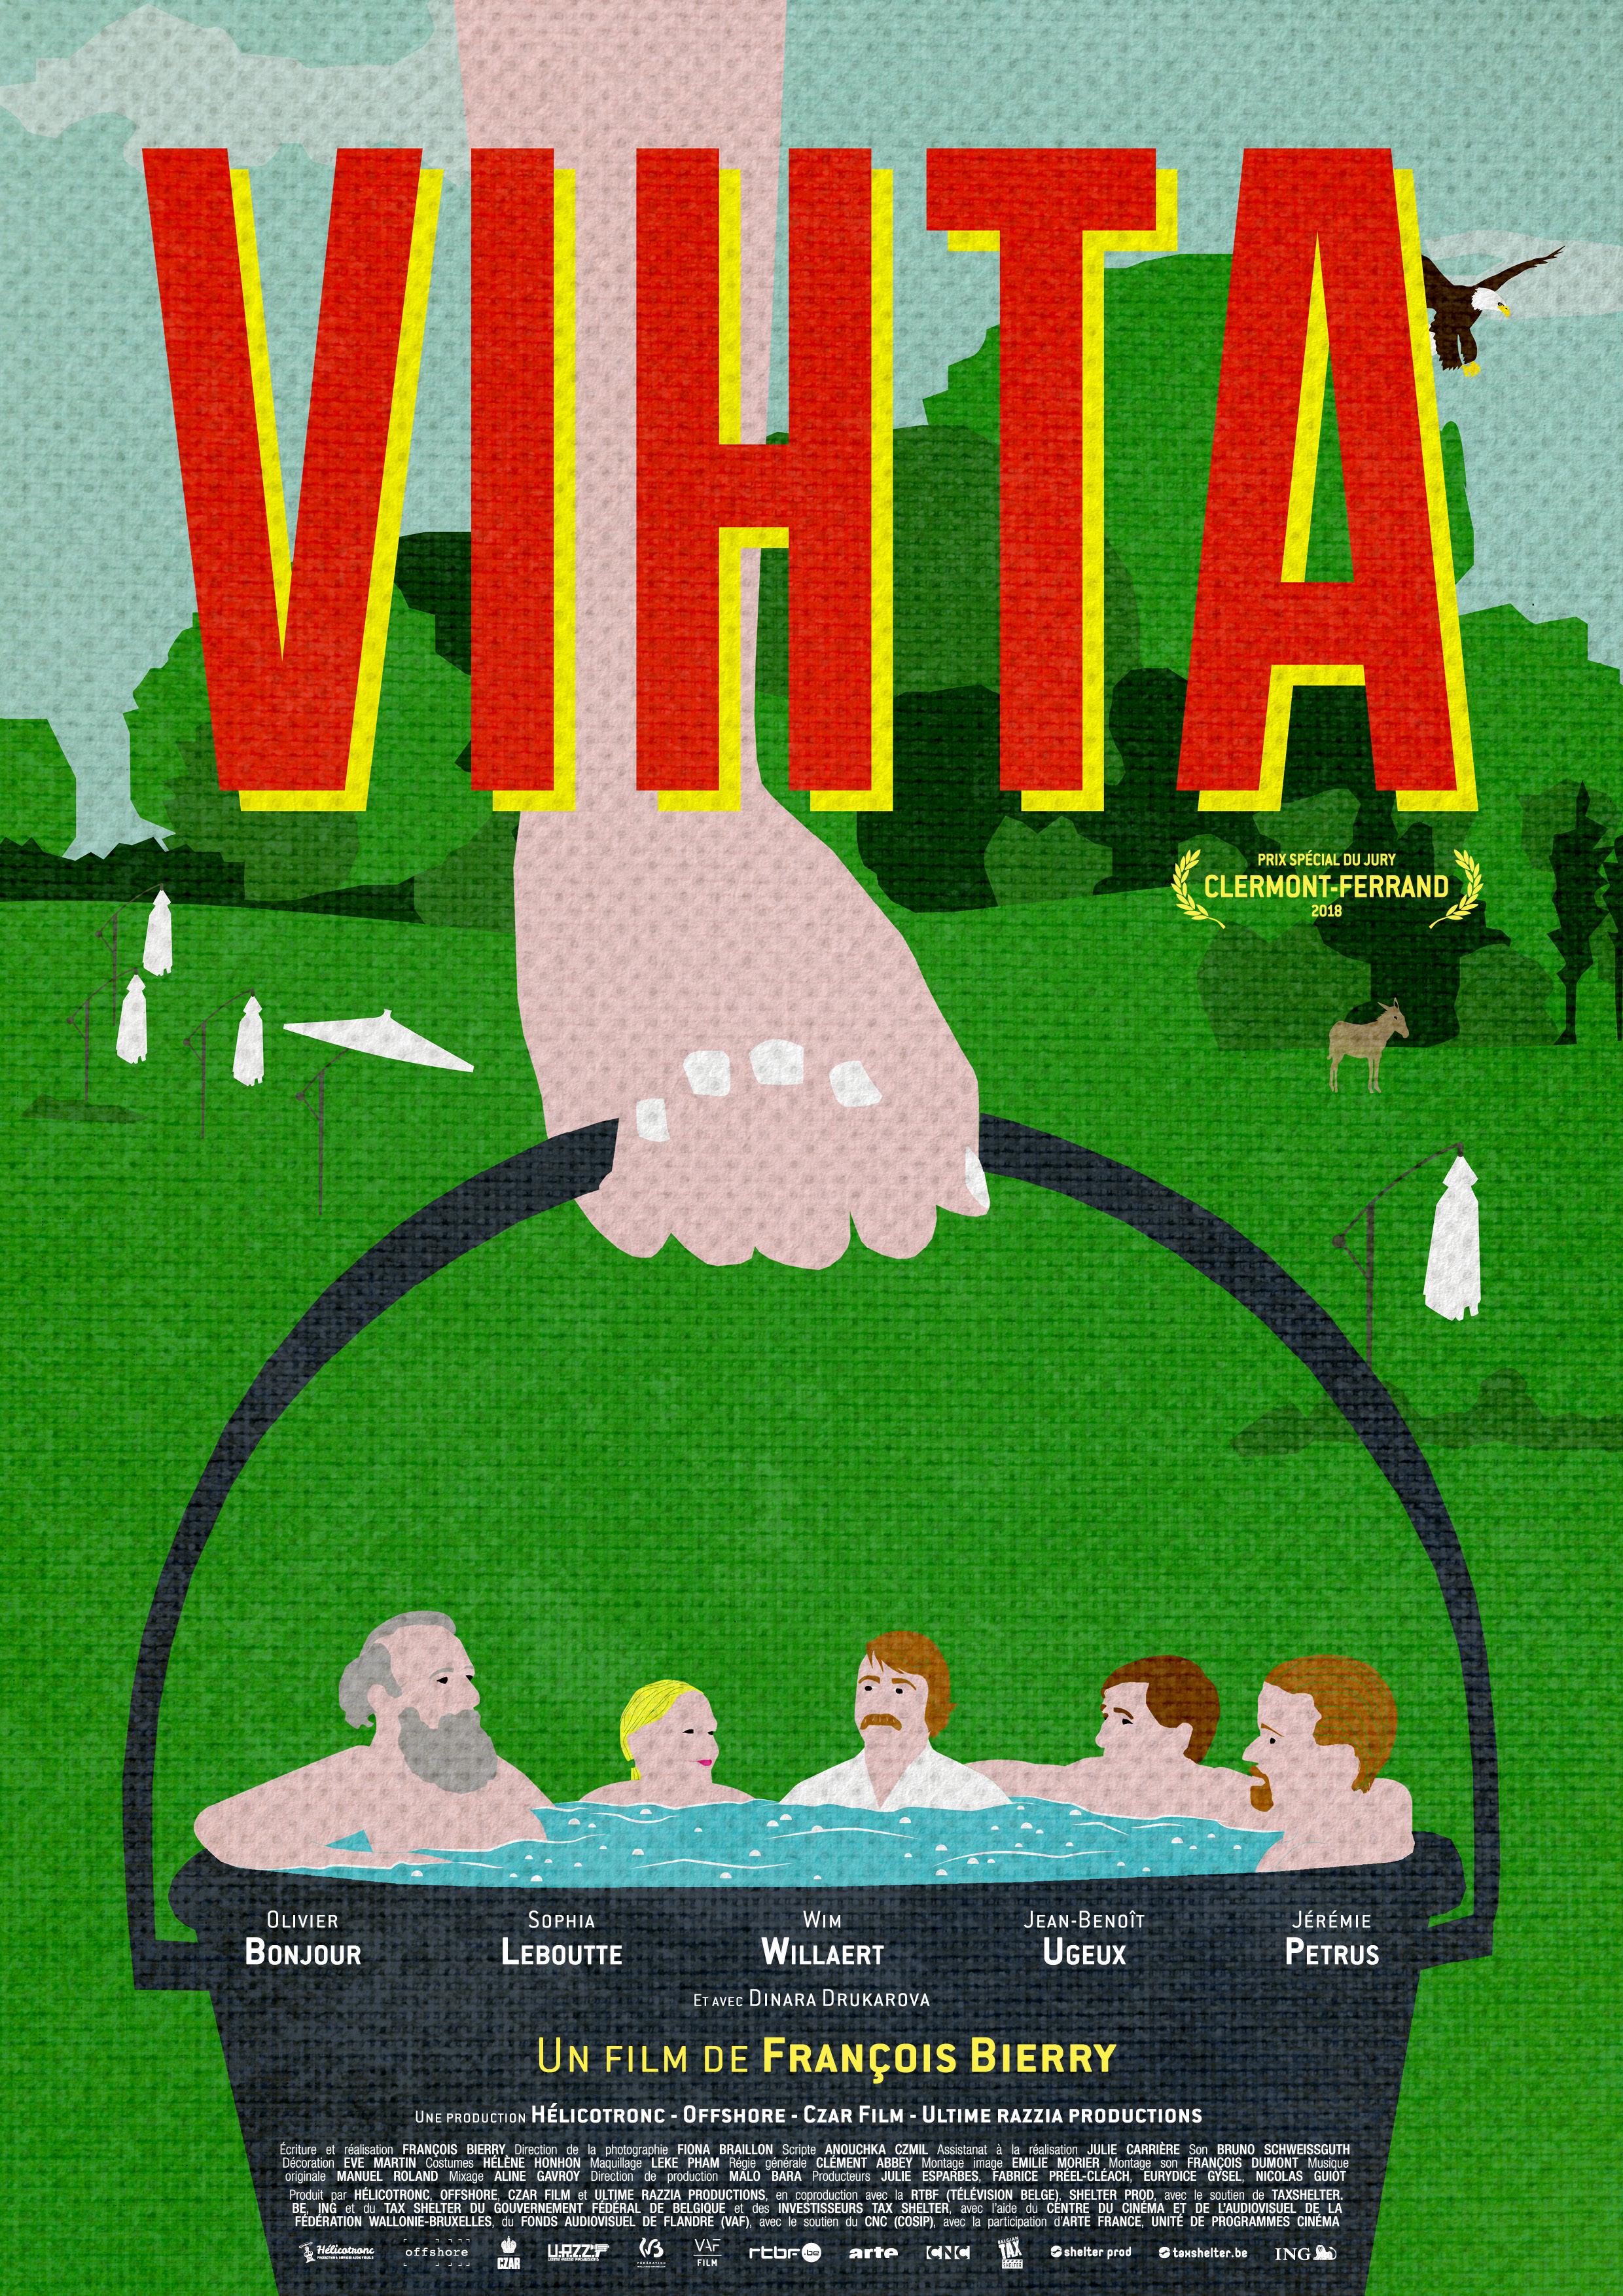 VIHTA - Poster.jpg